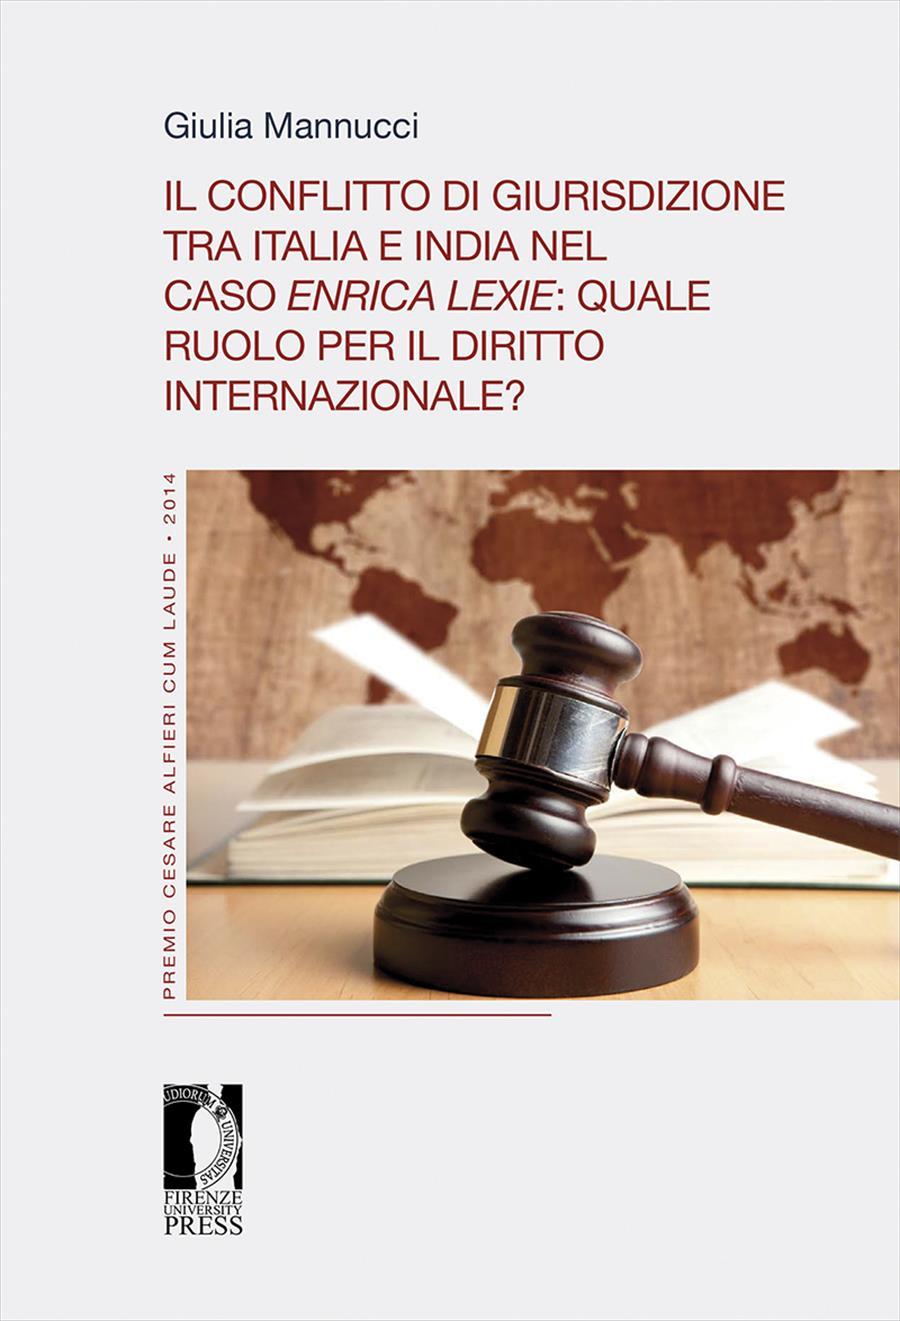 Il conflitto di giurisdizione tra Italia e India nel caso <i>Enrica lexie</i>: quale ruolo per il diritto internazionale?